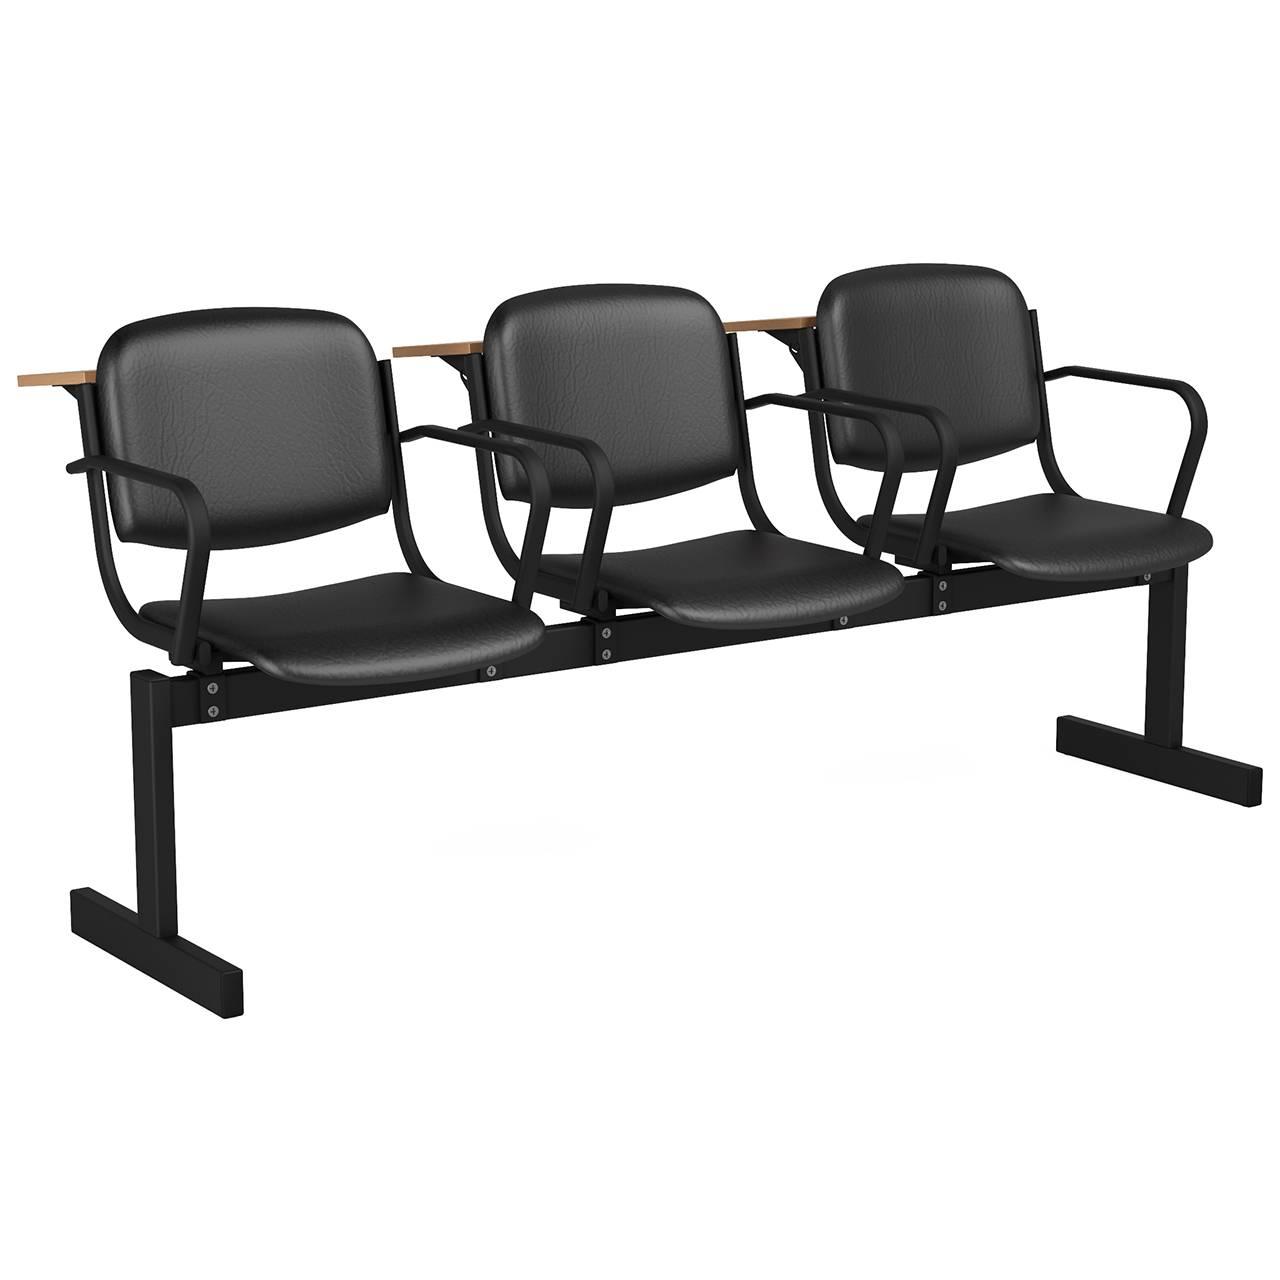 3-местный, не откидывающиеся сиденья, мягкий, подлокотники, лекционный черный черный Кожзаменитель